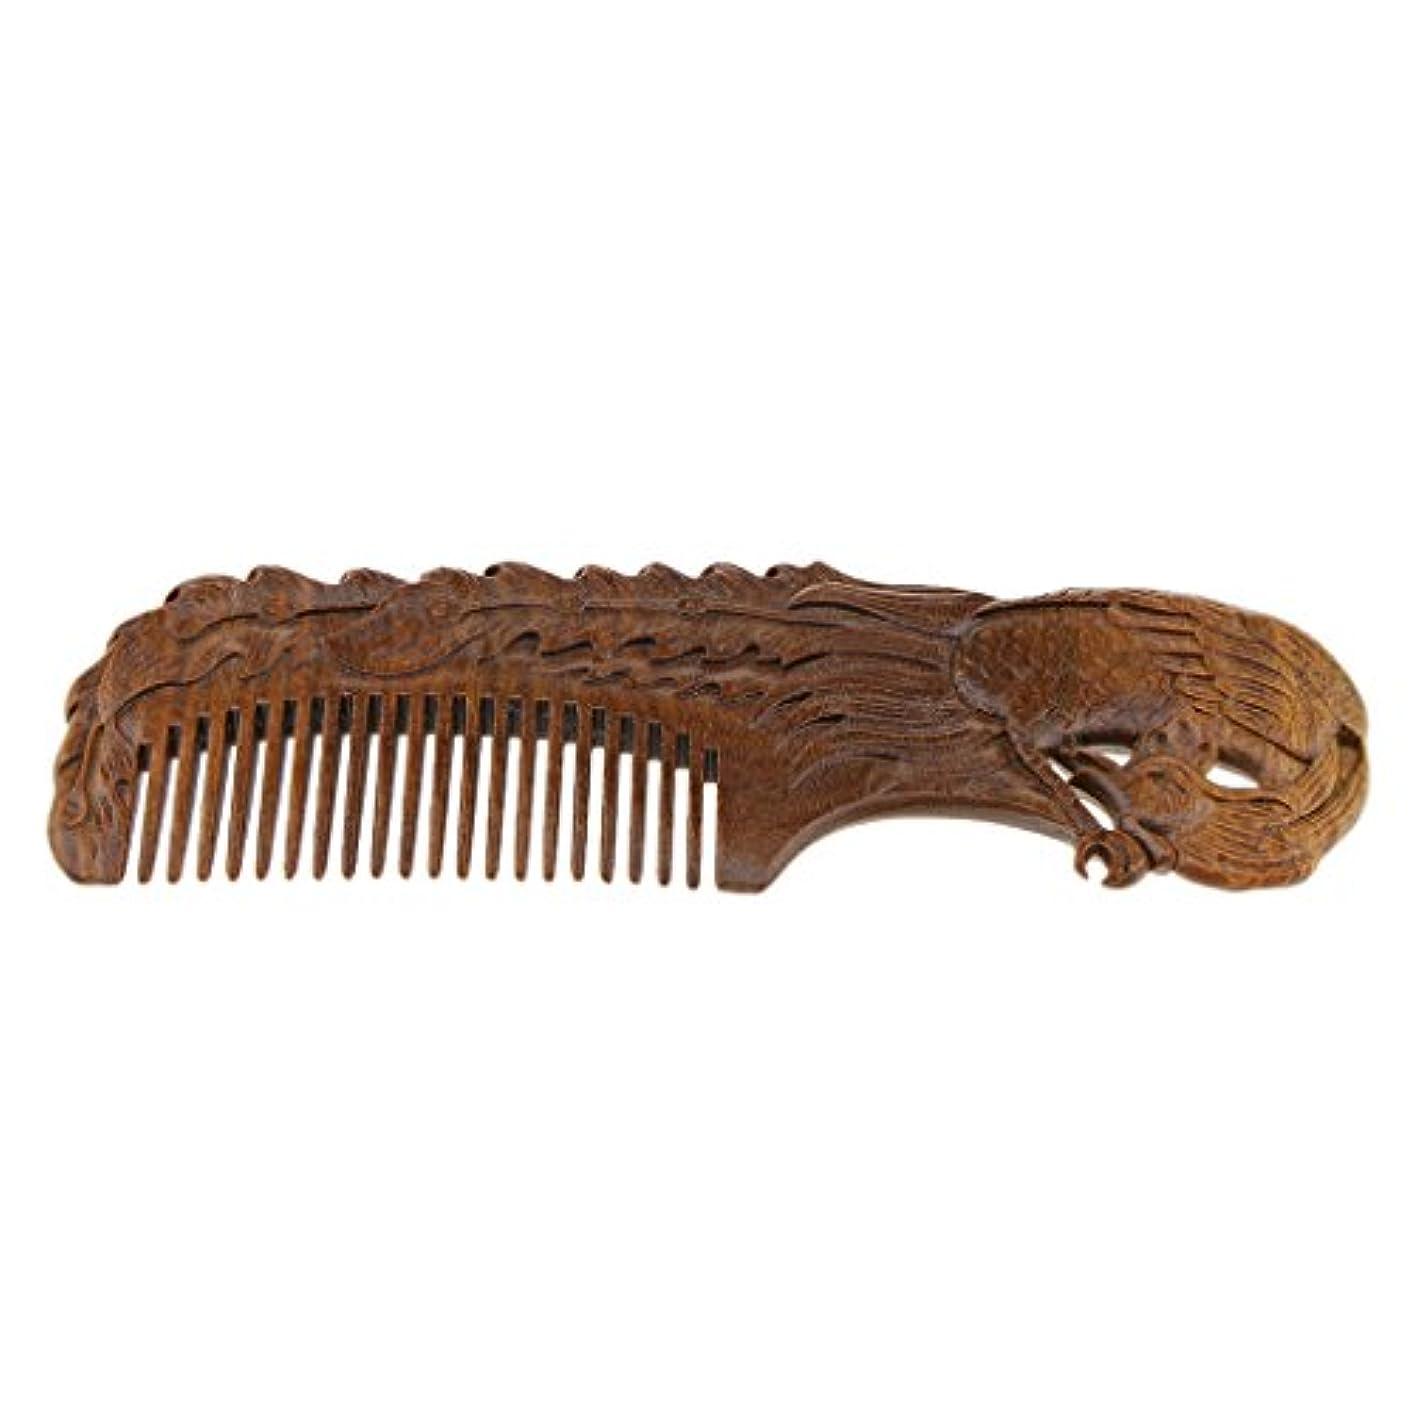 公平な組み込む反対したウッドコーム 木製櫛 高品質 ナチュラル ワイド歯 ヘアブラシ ヘアスタイリング デタングリングコーム 2タイプ - Phoenix